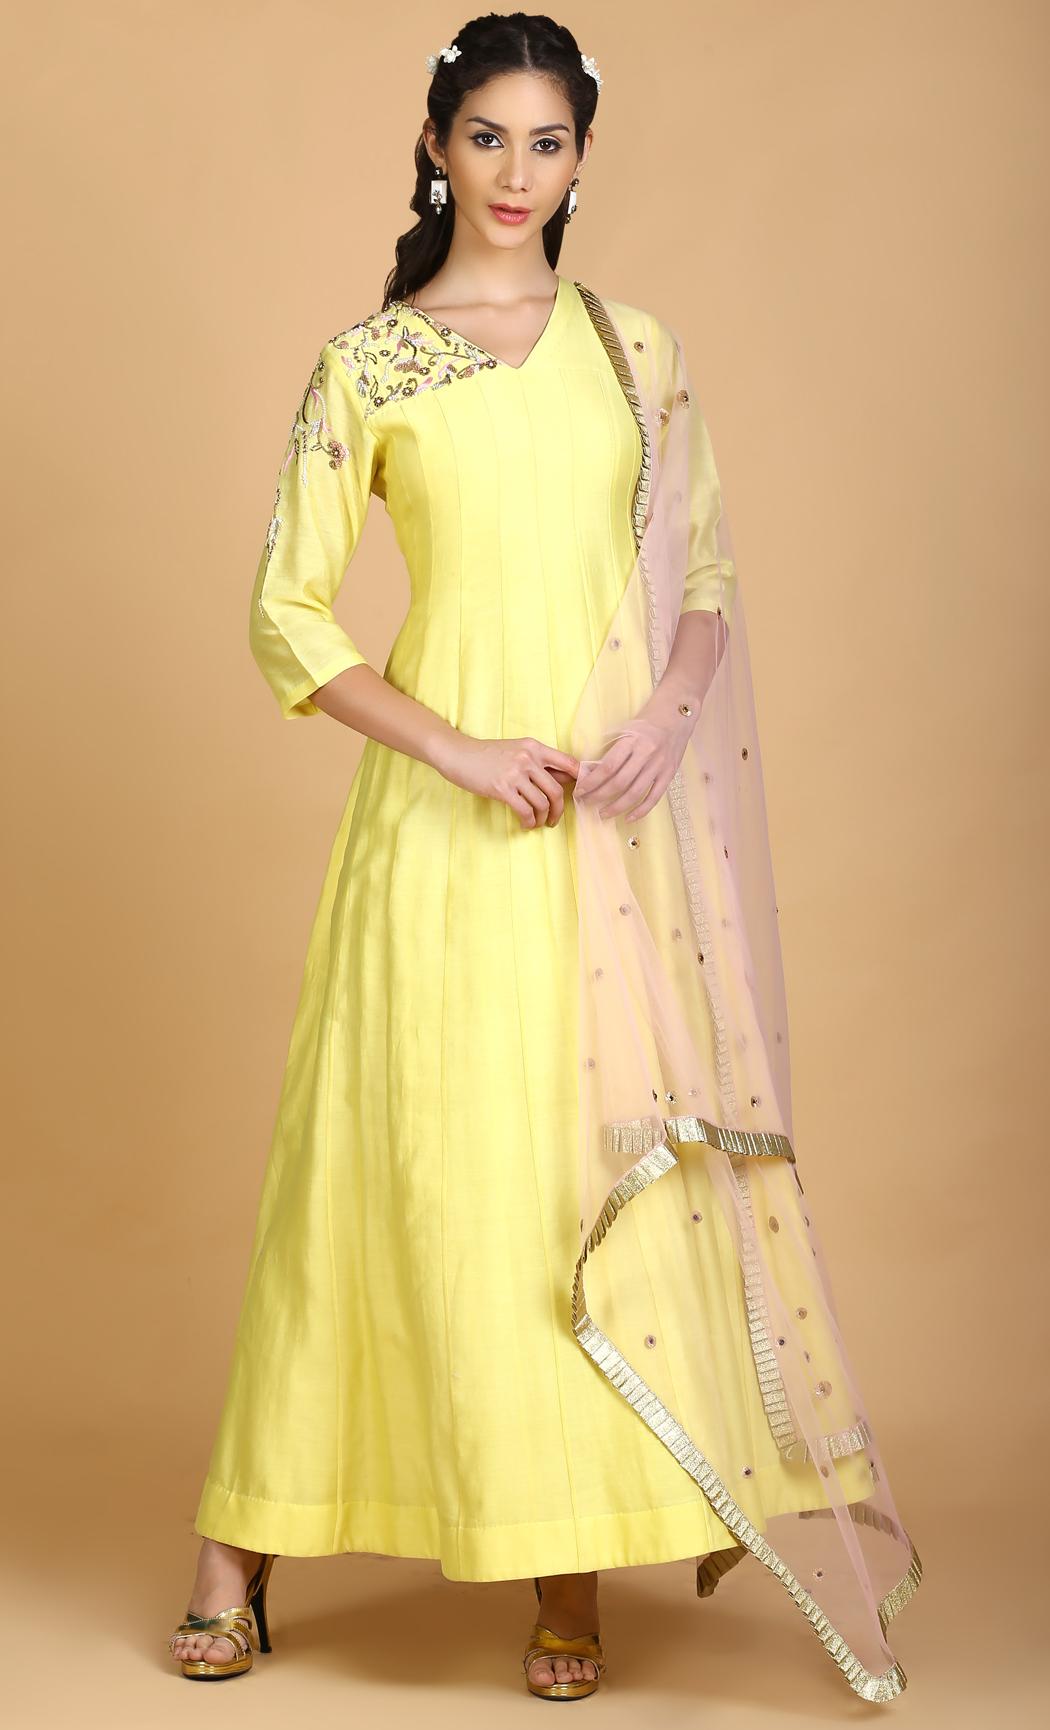 Marigold Yellow Salwar Kameez Kurta